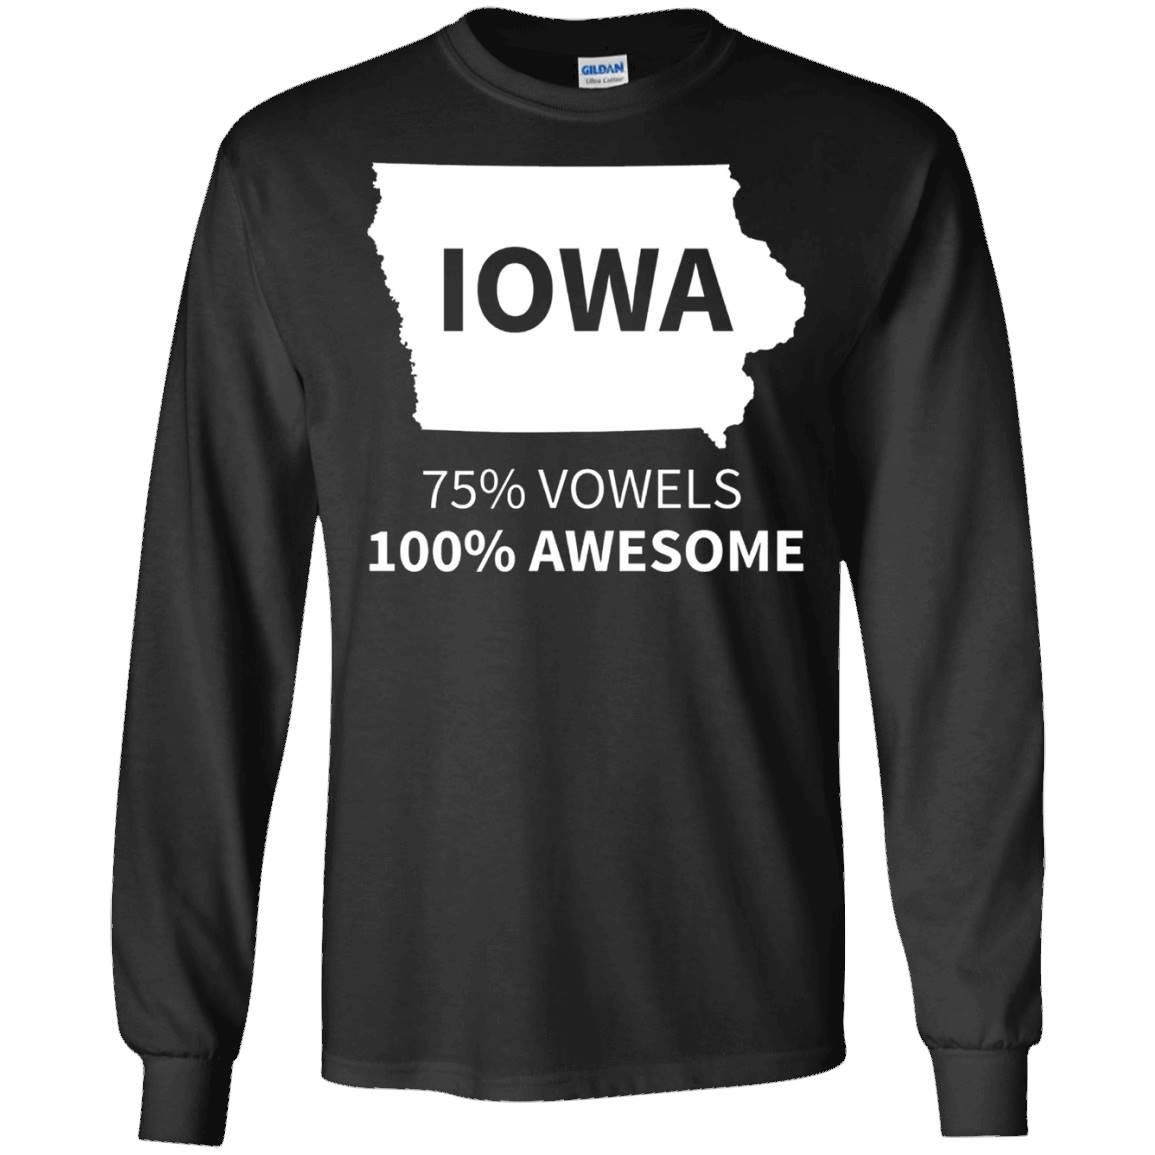 Iowa T-Shirt – Iowa Shirt – Iowa T Shirt – 75% Vowels 100% Awesome – Long Sleeve Tee